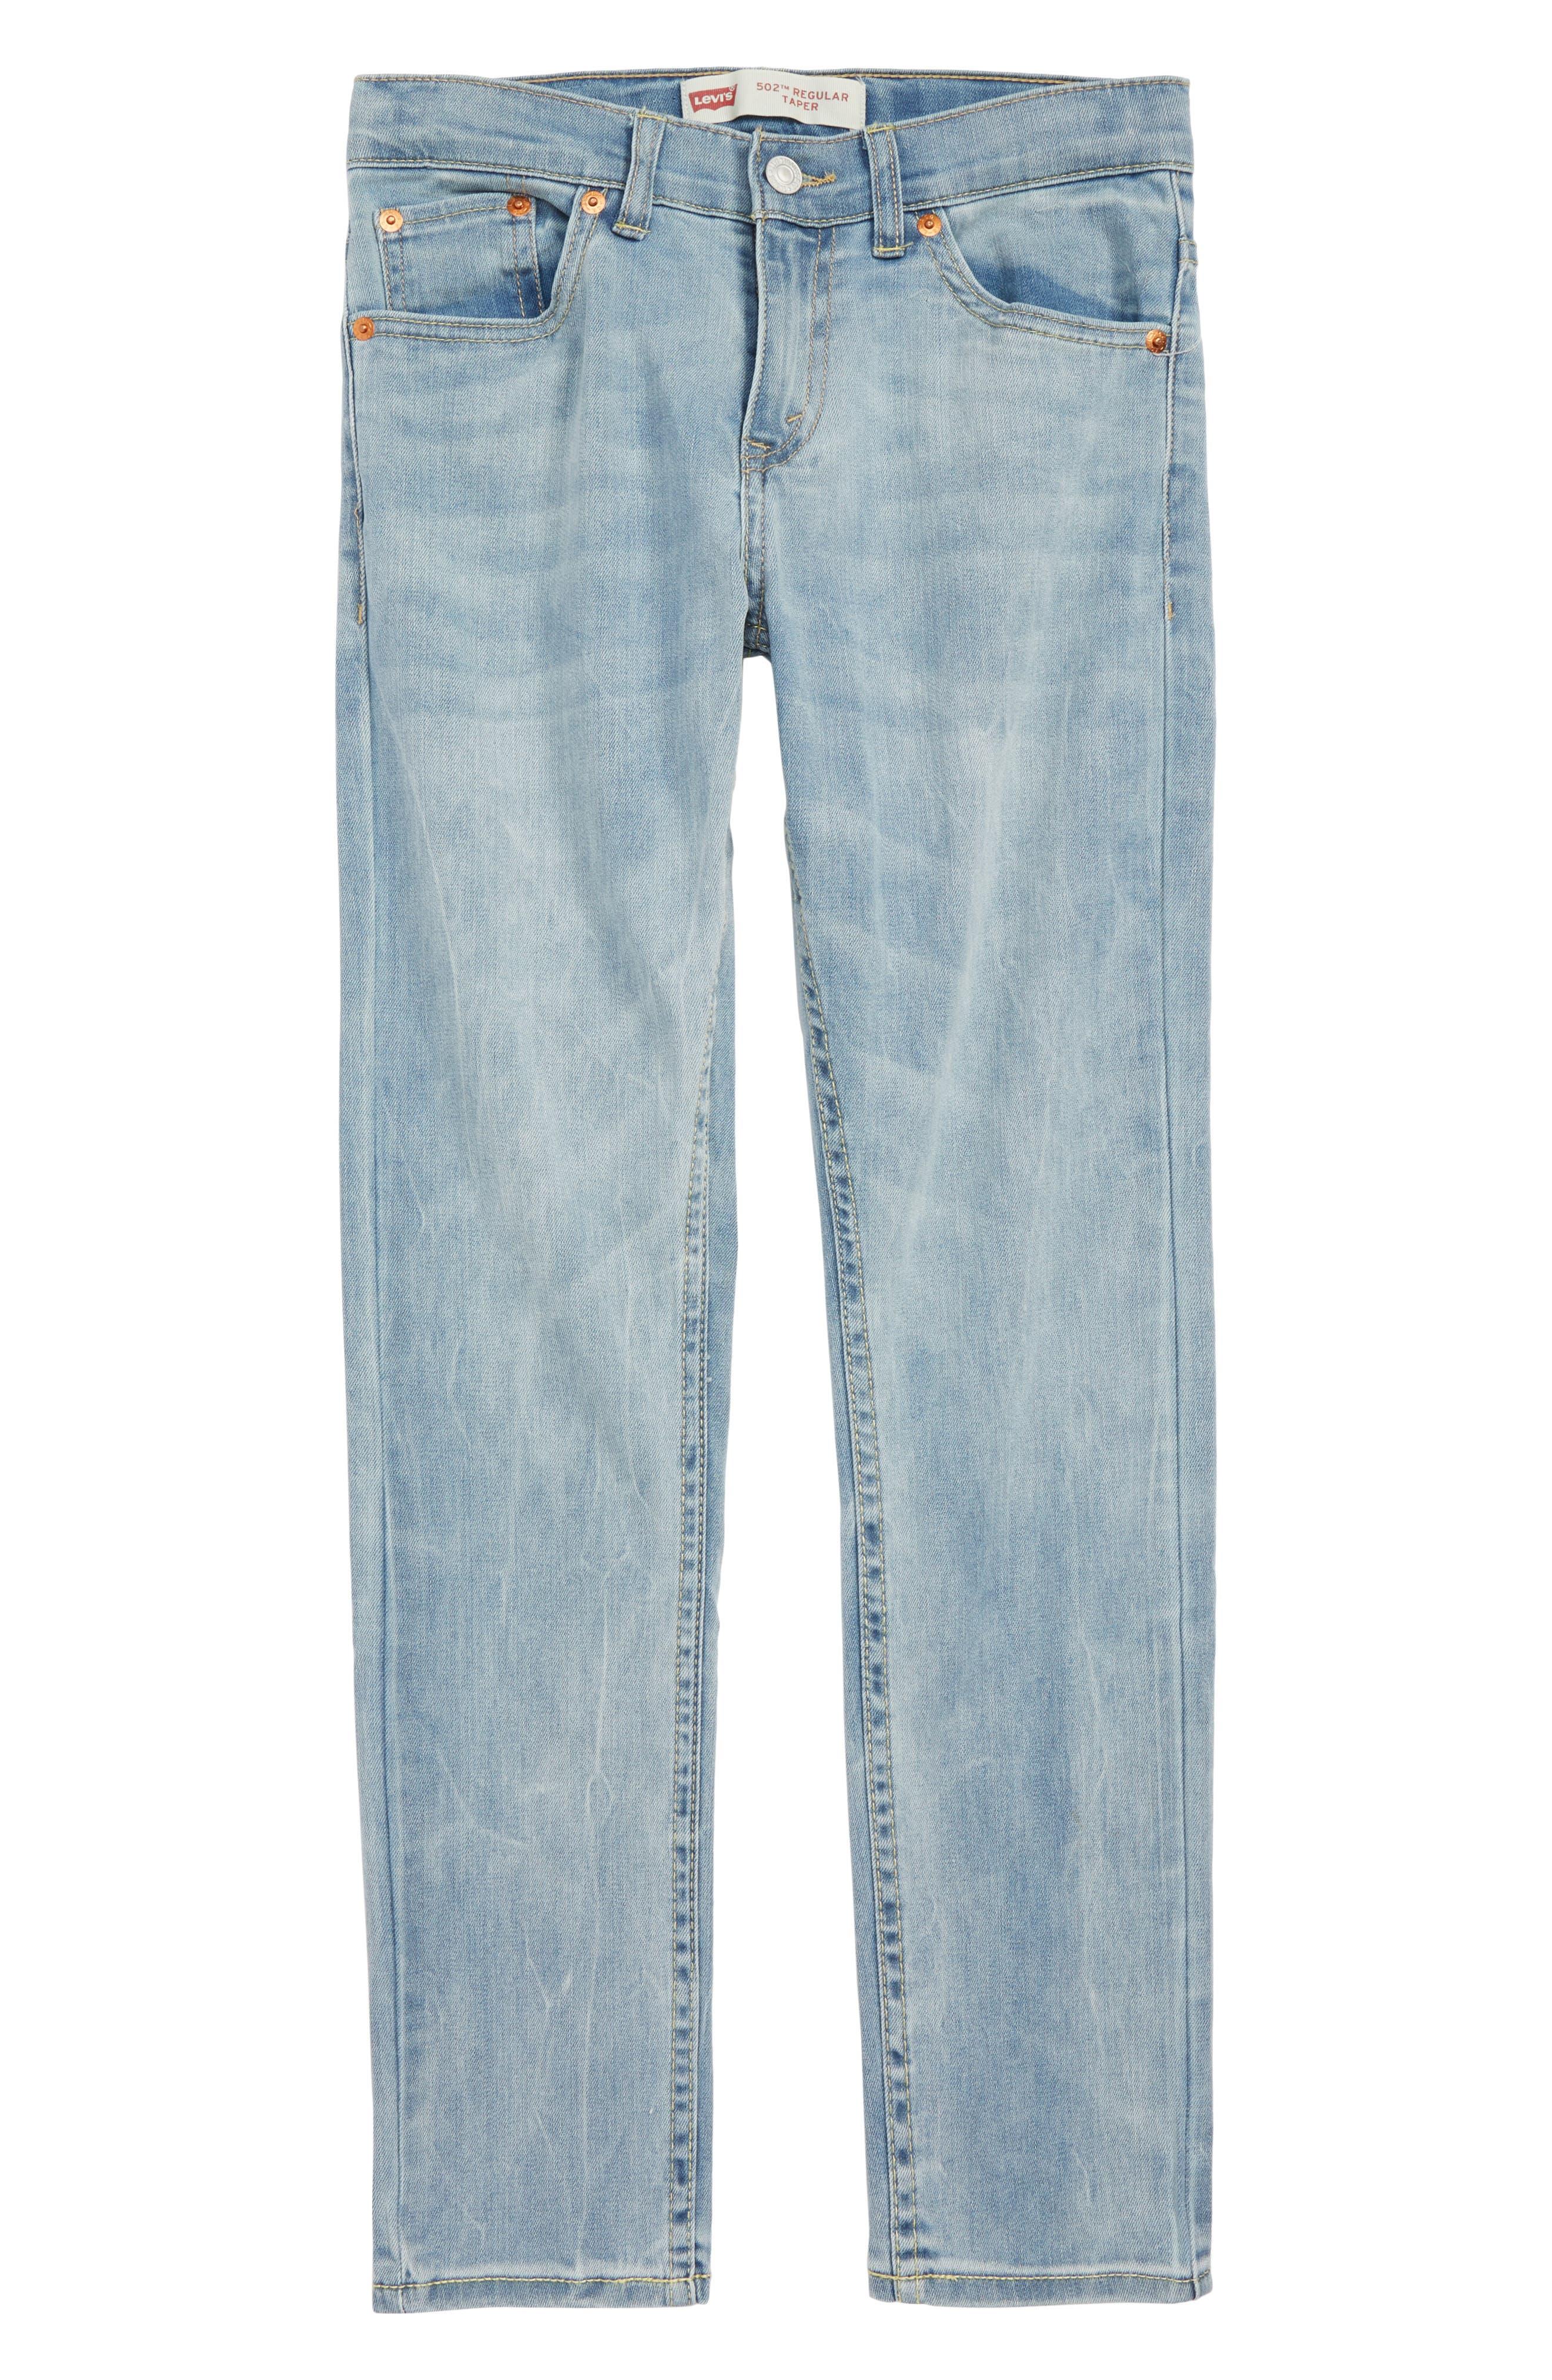 Levi's<sup>®</sup> 502<sup>™</sup> Regular Taper Jeans,                             Main thumbnail 1, color,                             YOSEMITE FALLS